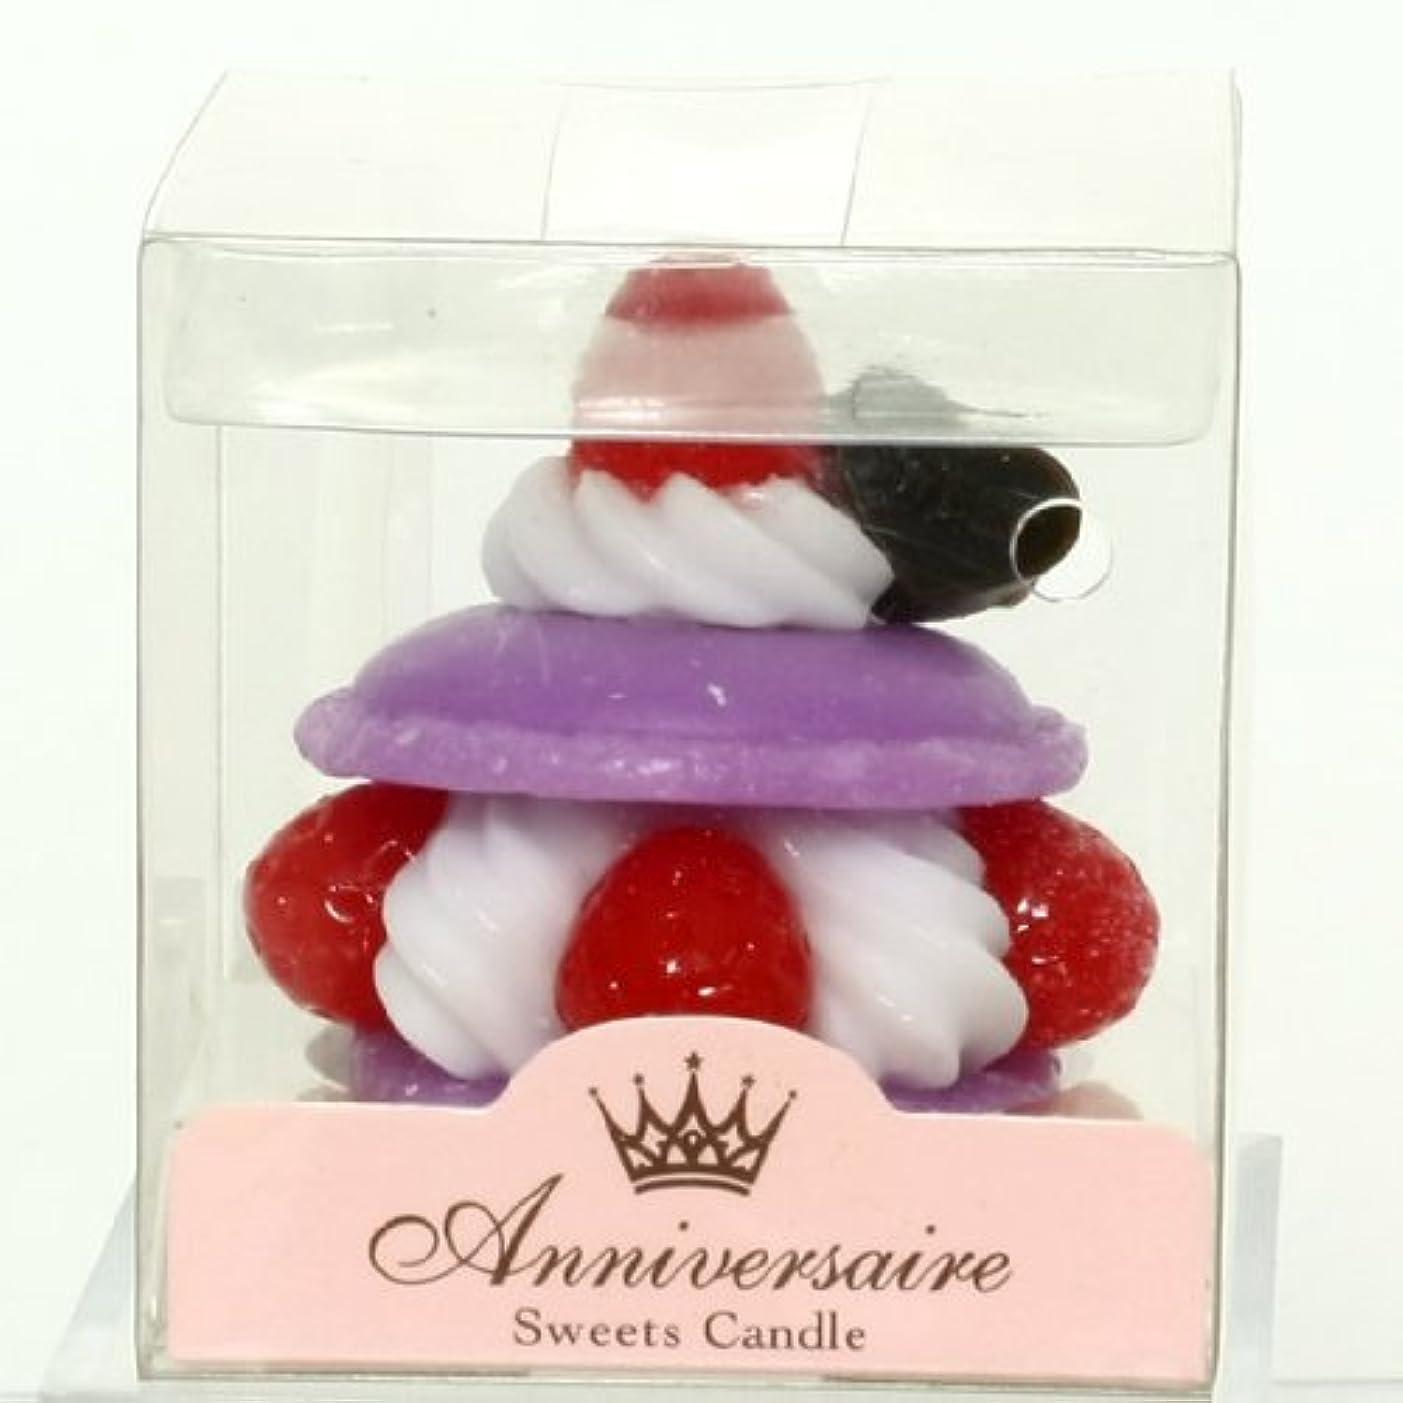 突き刺す典型的な手順スイーツキャンドル(sweets candle) マカロンケーキキャンドル【パープル】